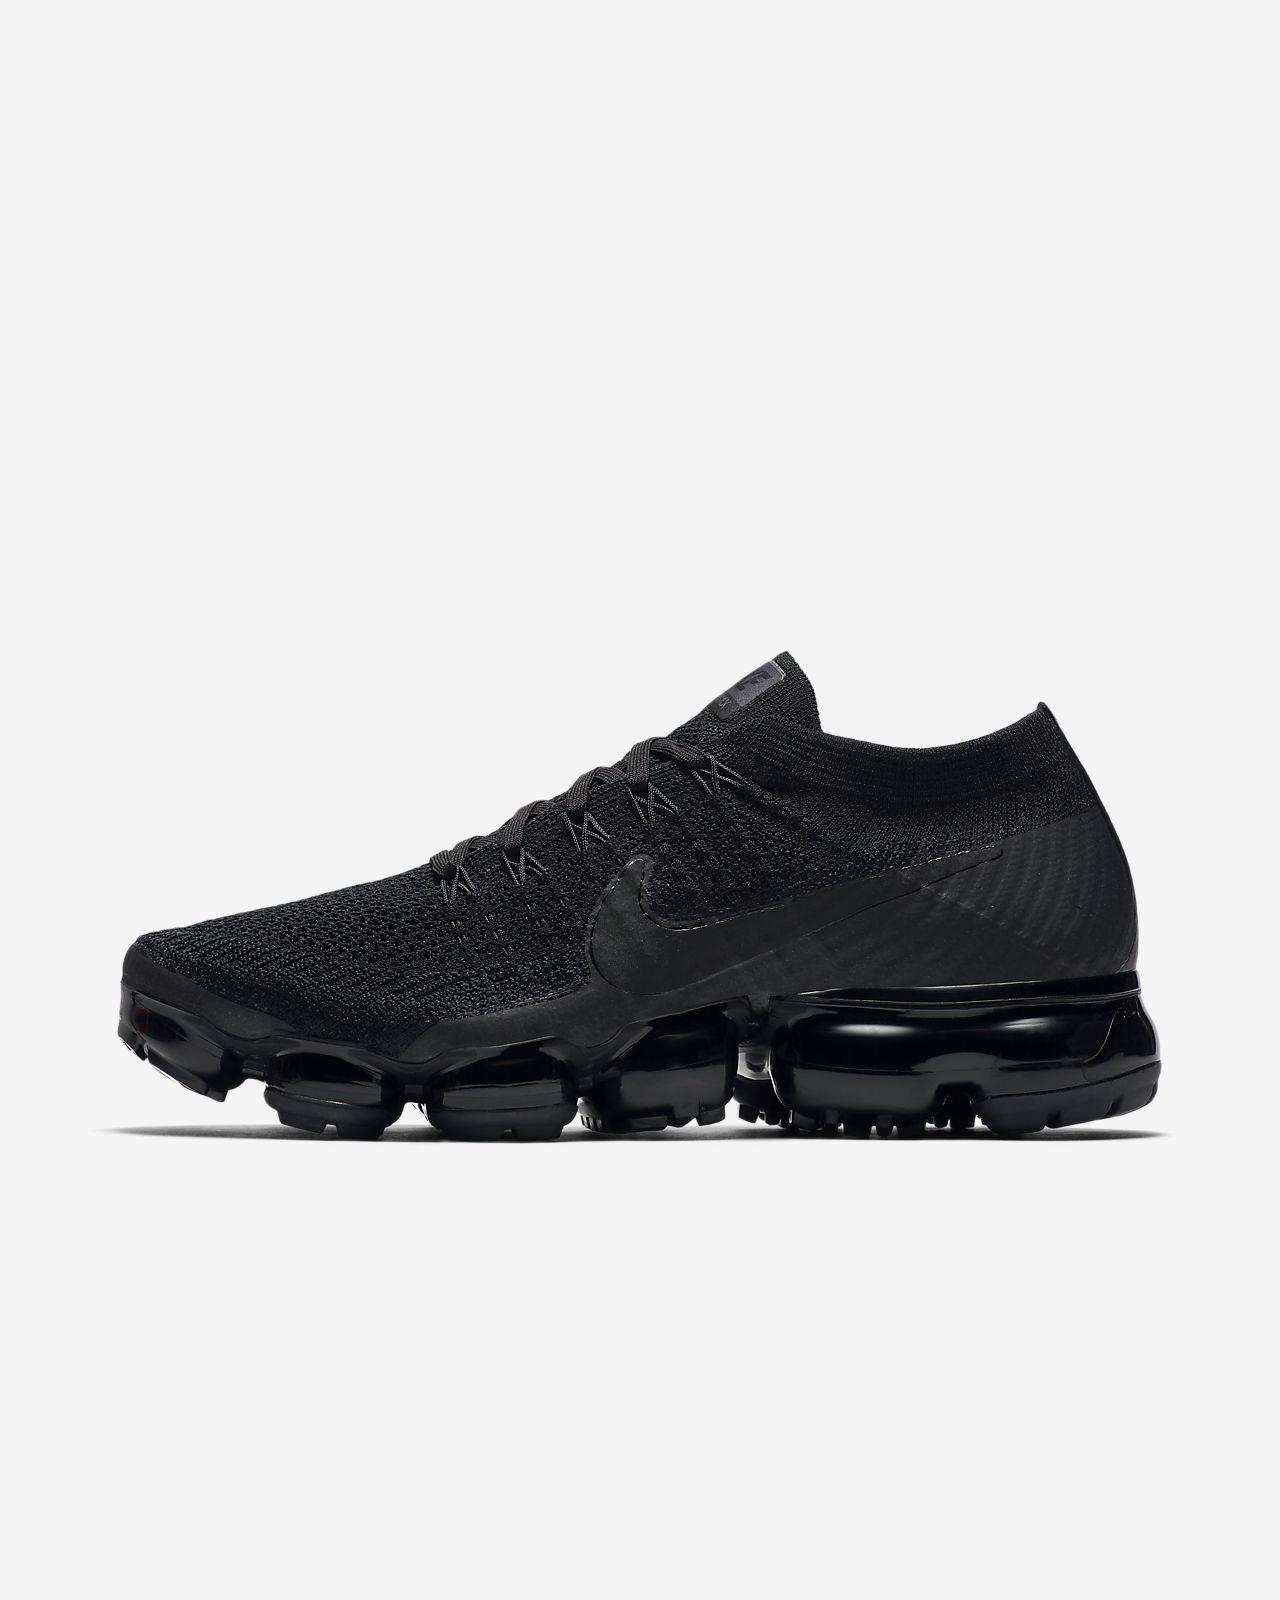 Air Vapormax Moc 2 Flyknit Slip-on Chaussures De Sport - Vert Nike PdZwFXYd